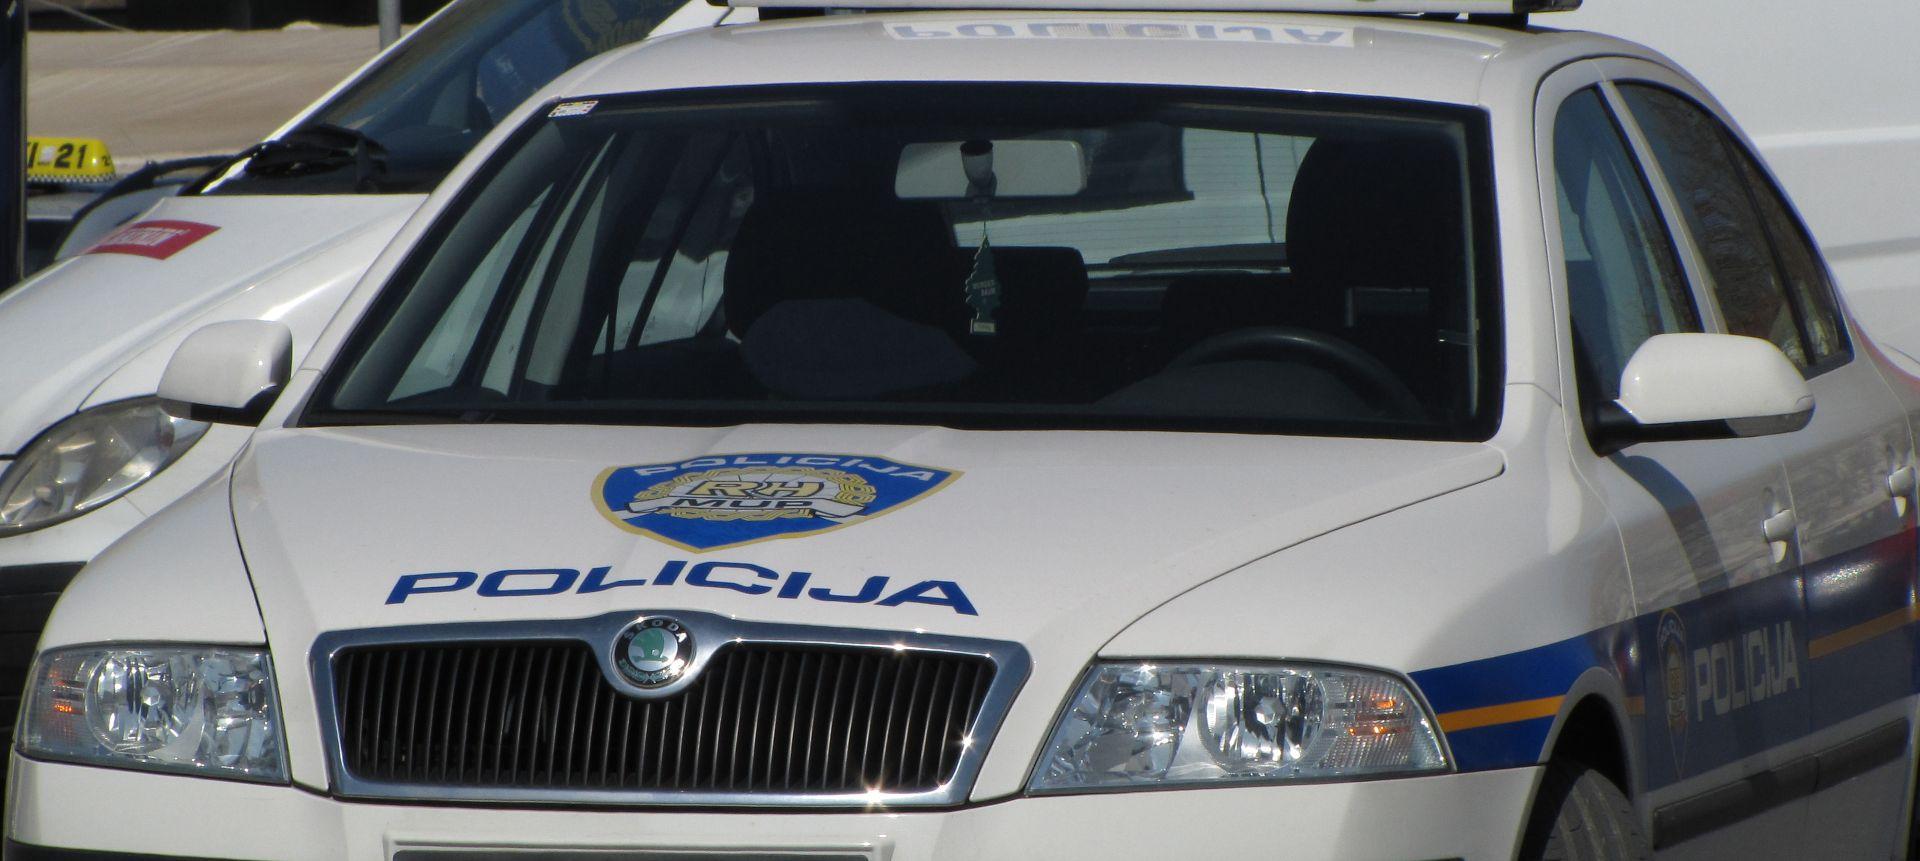 U šumi kod Karlovca pronađena mrtva žena, policija provela očevid